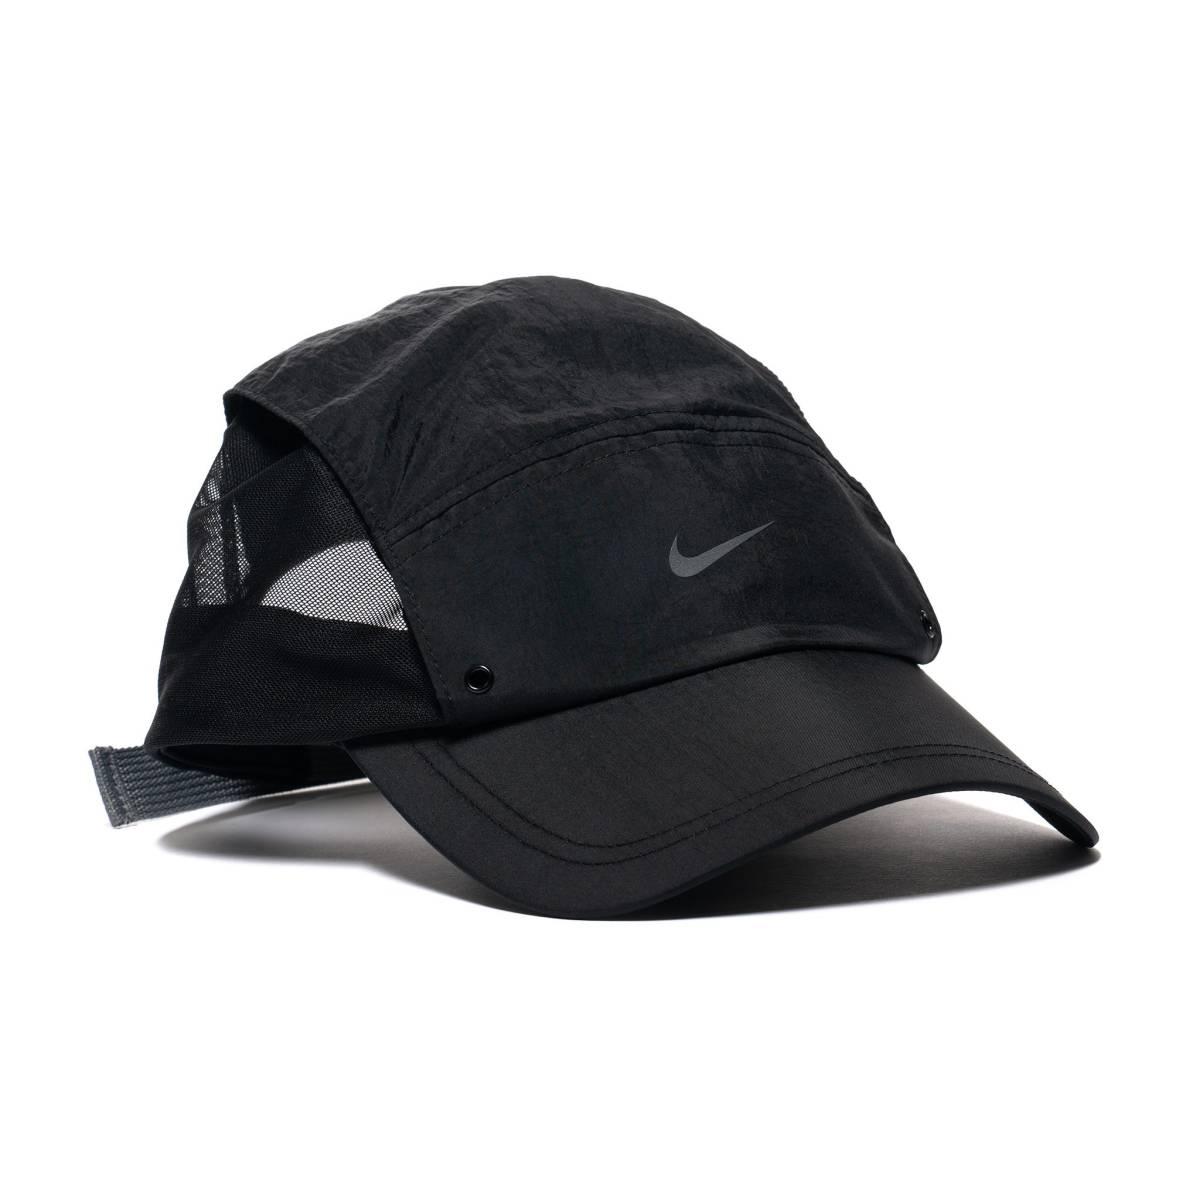 新品 国内正規 NIKE × A-COLD-WALL AW84 CAP Black AQ4266-010 6a9cc1d1d5da